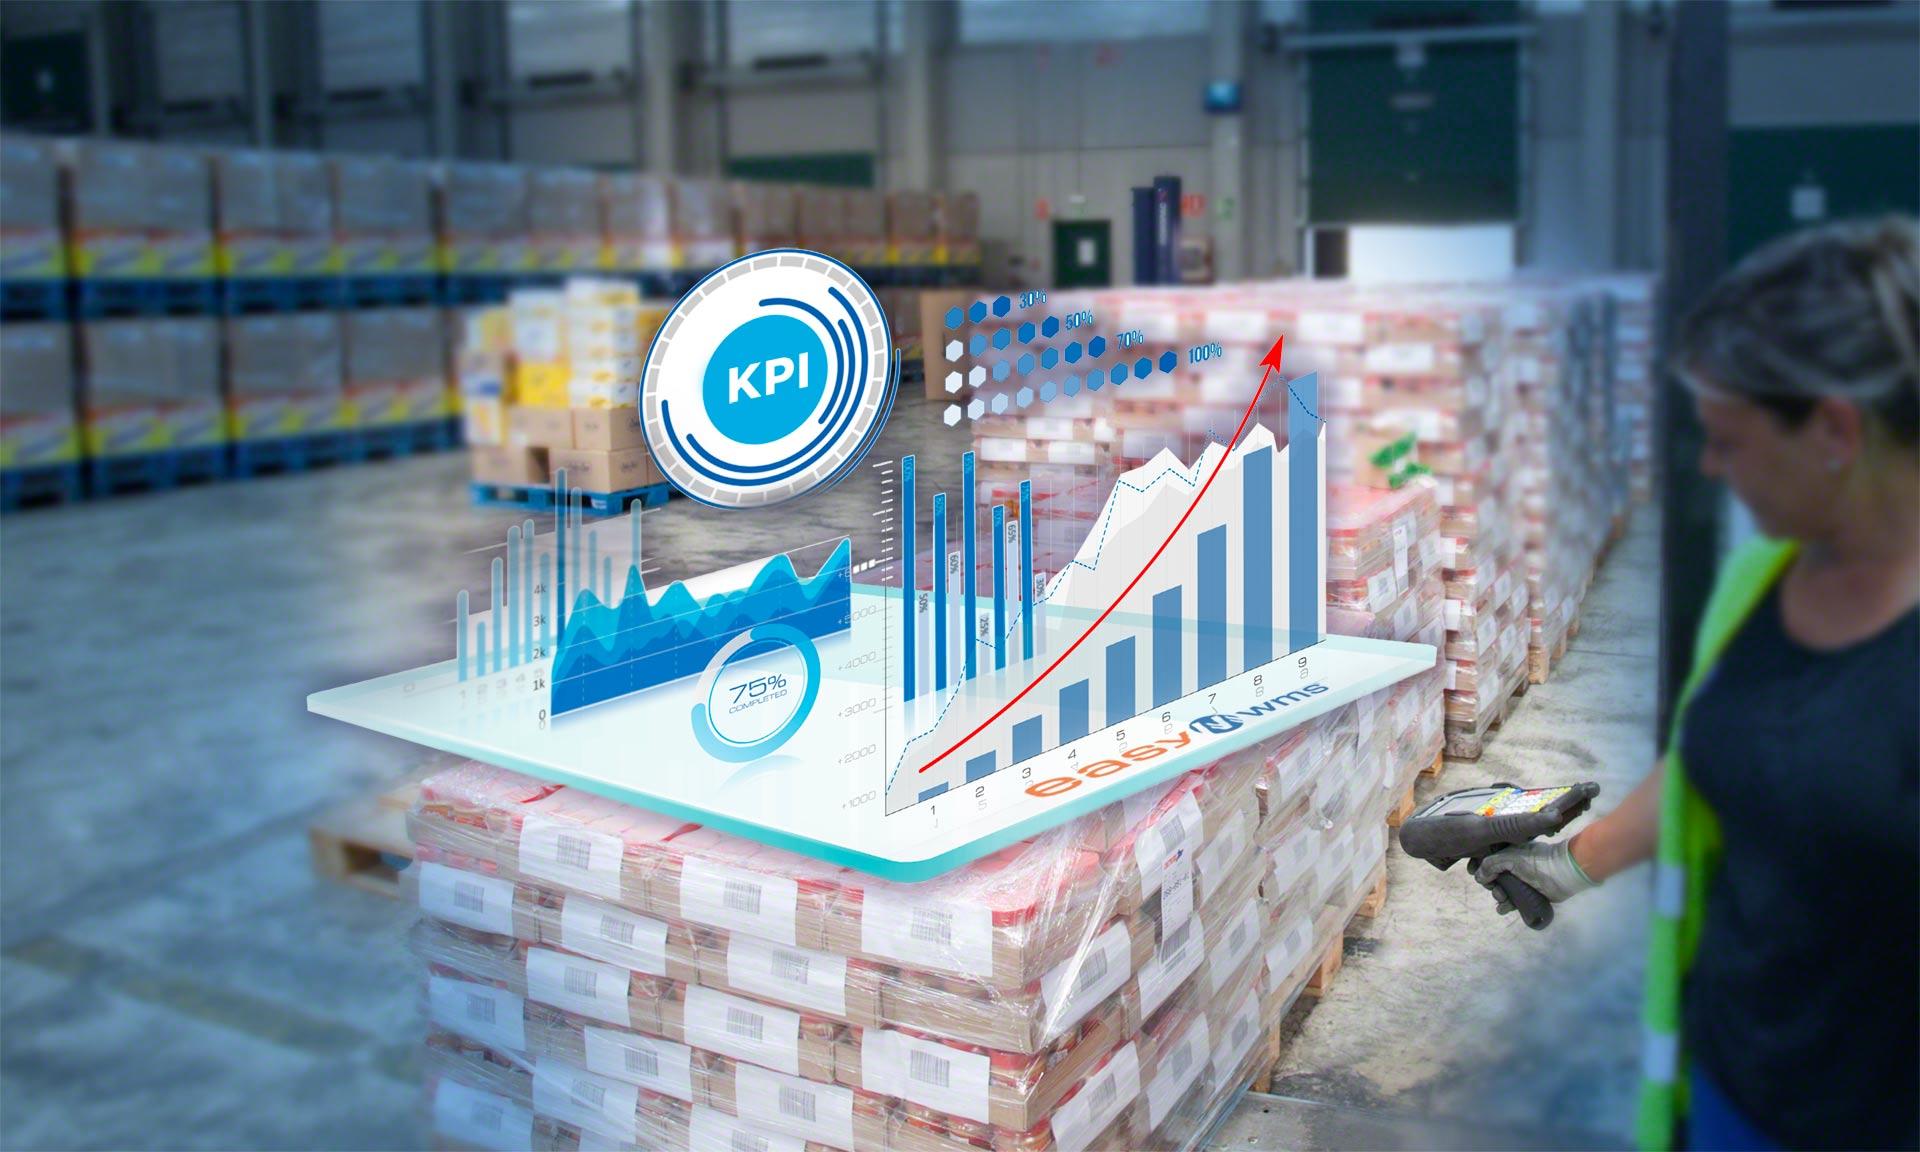 Los KPI de inventario facilitan un conocimiento exhaustivo sobre las existencias almacenadas en la instalación